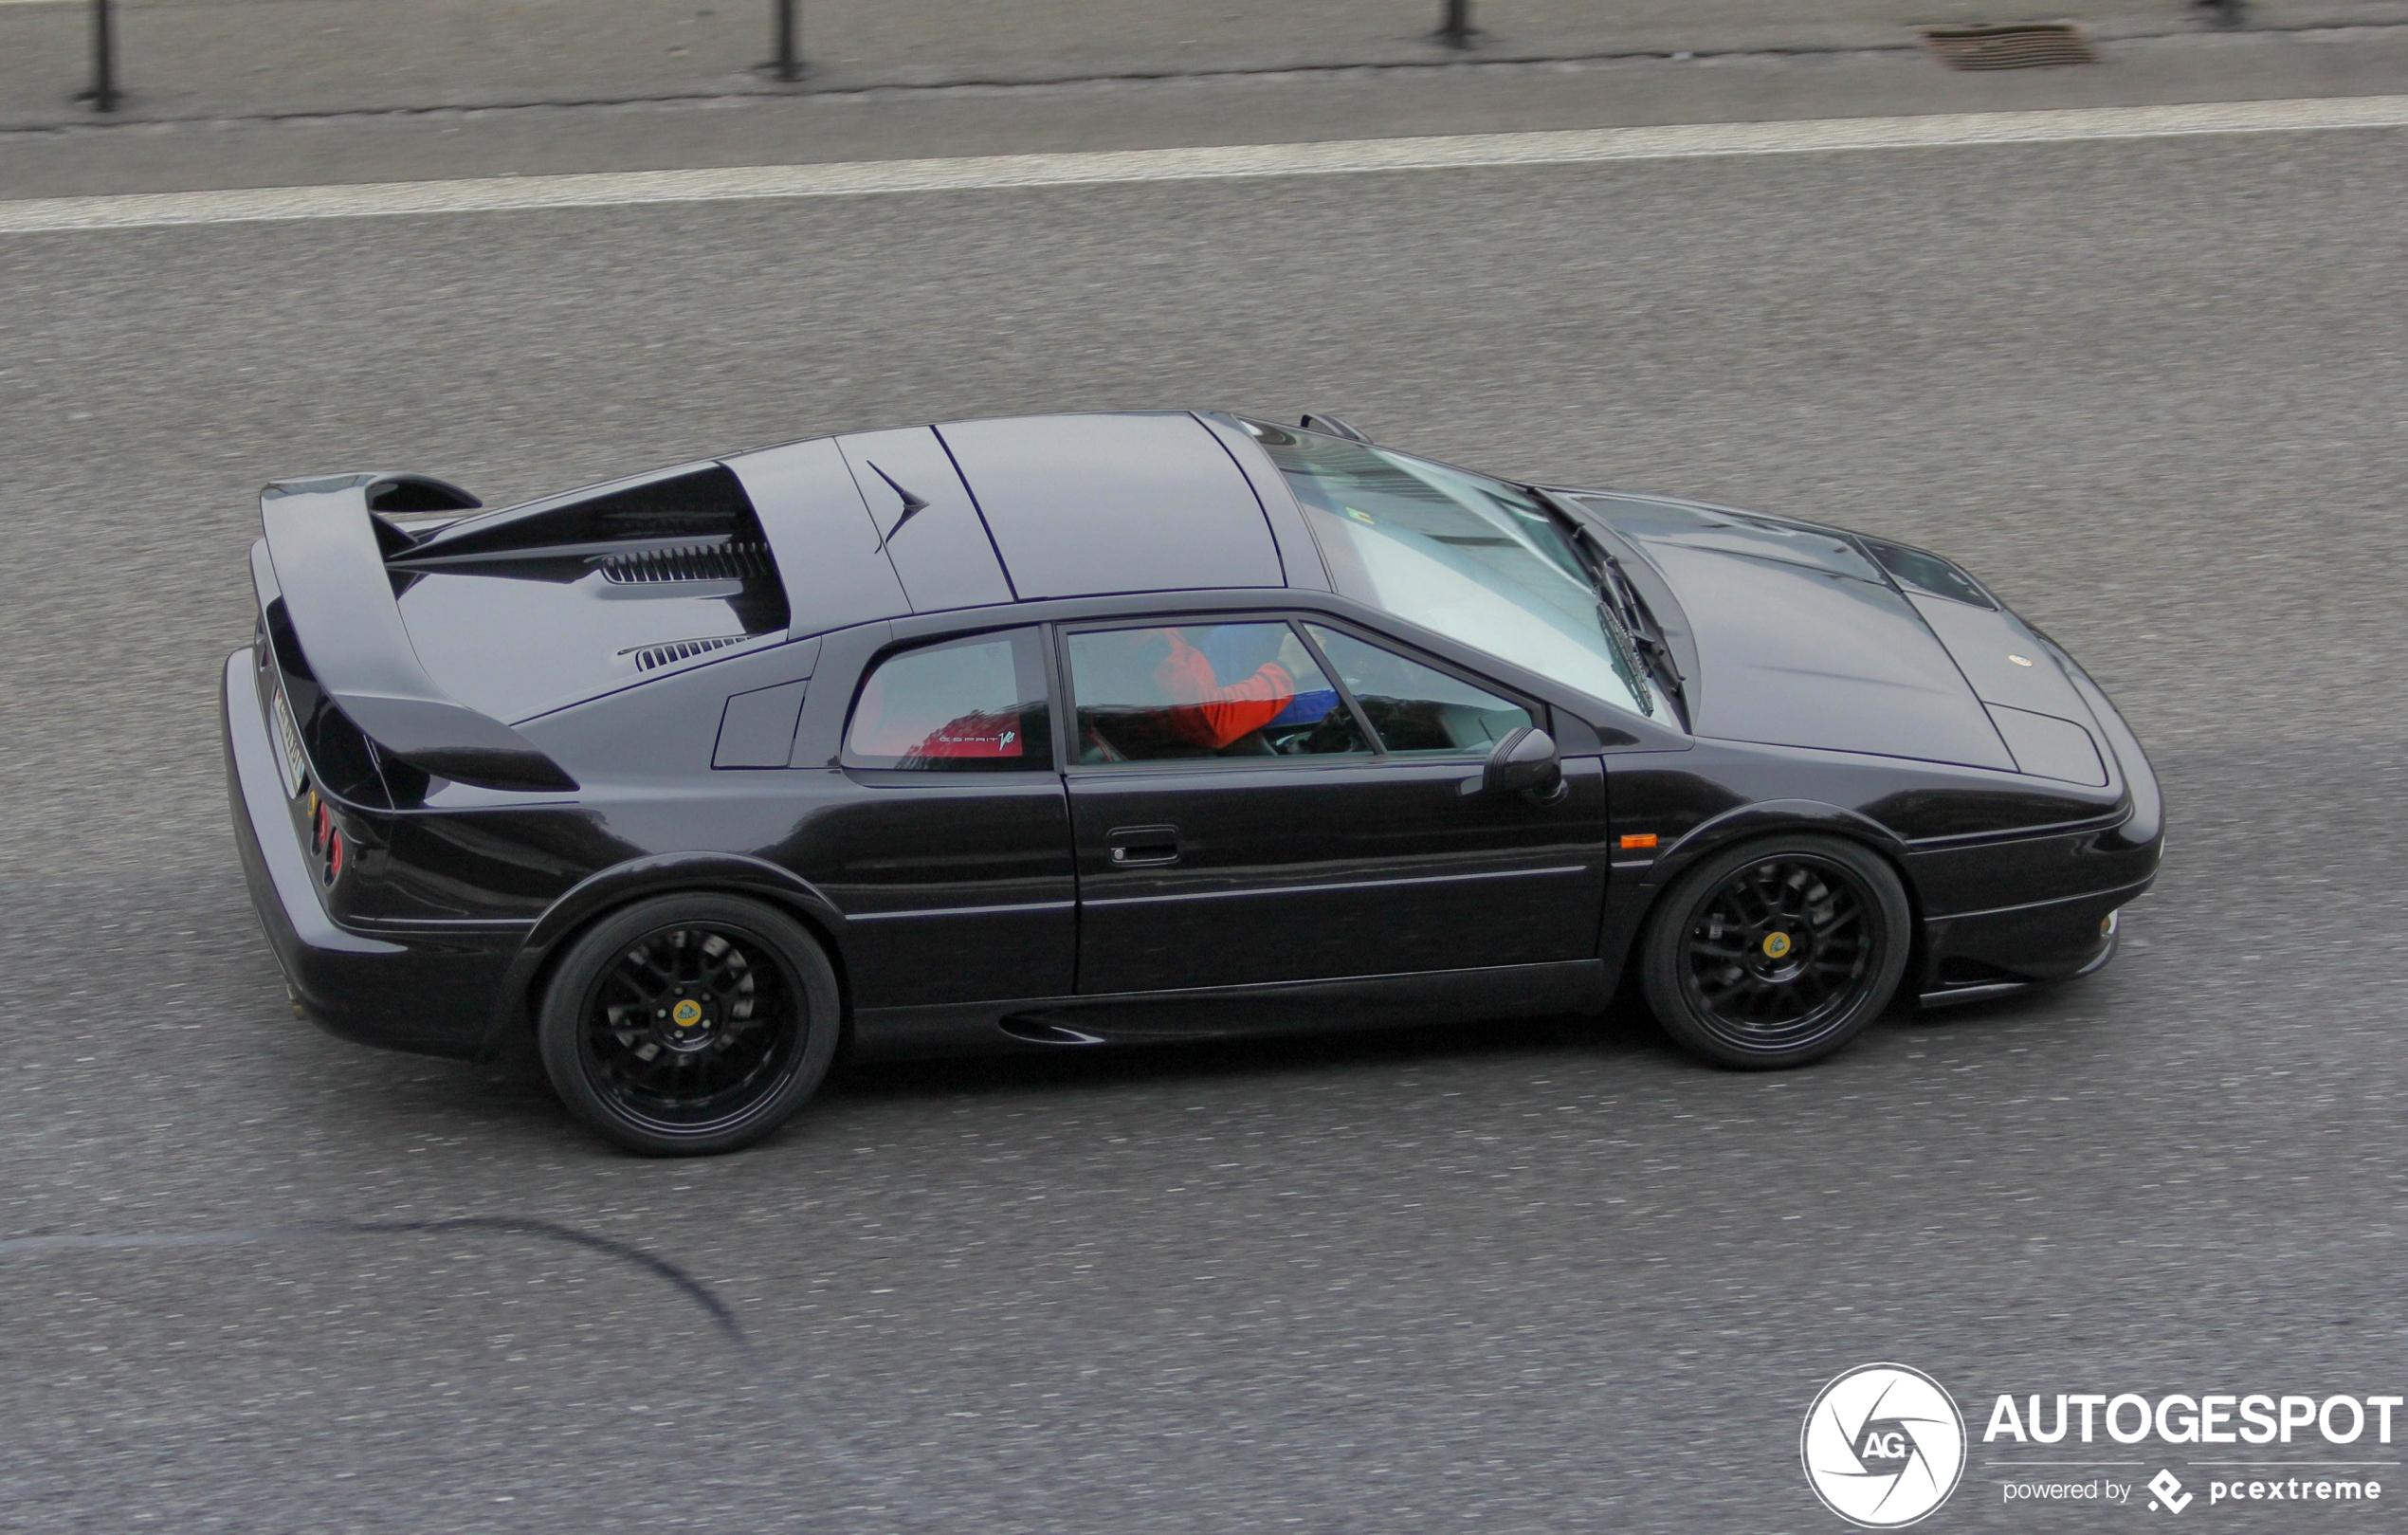 Lotus Esprit V8 - 30 April 2020 - Autogespot